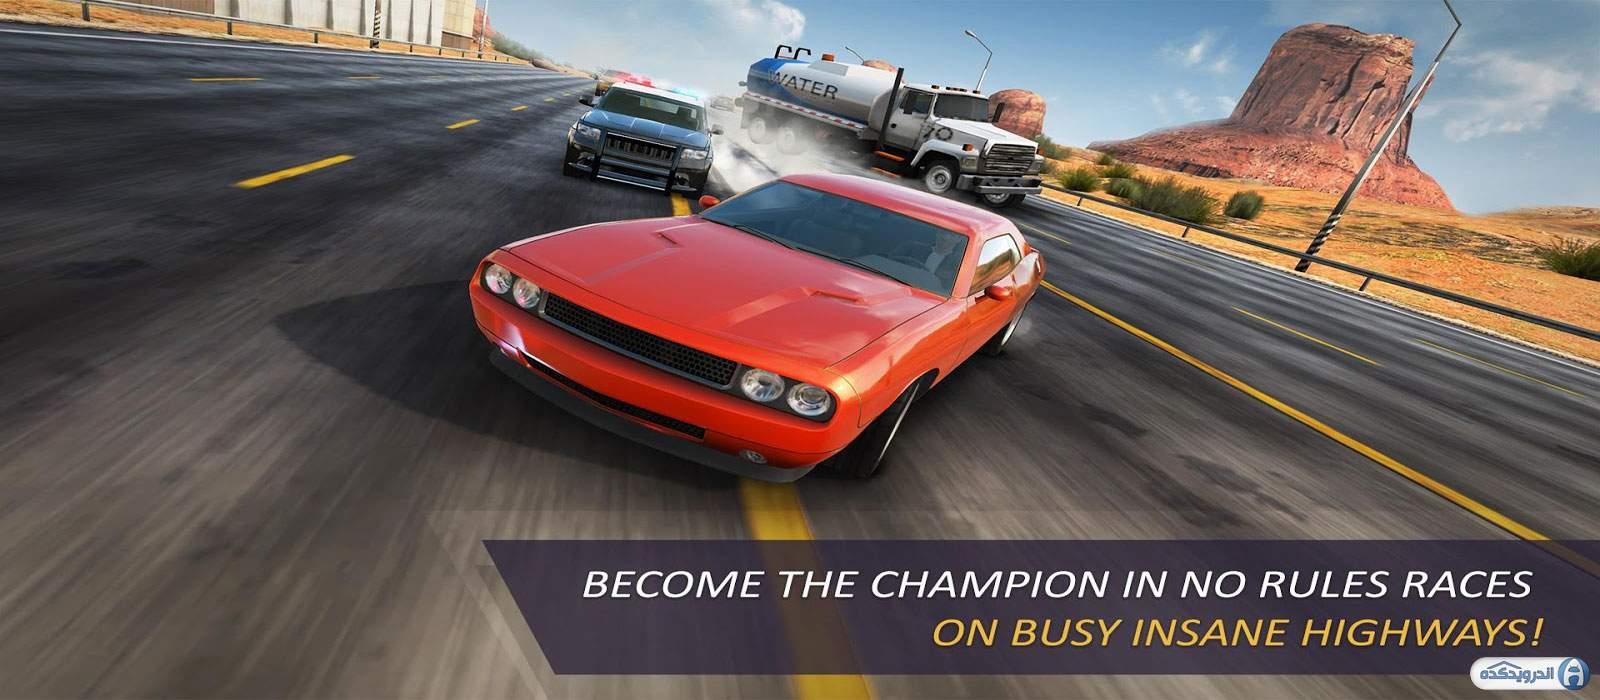 دانلود CarX Highway Racing 1.73.1 بازی مسابقات اتومبیلرانی در بزرگراه اندروید